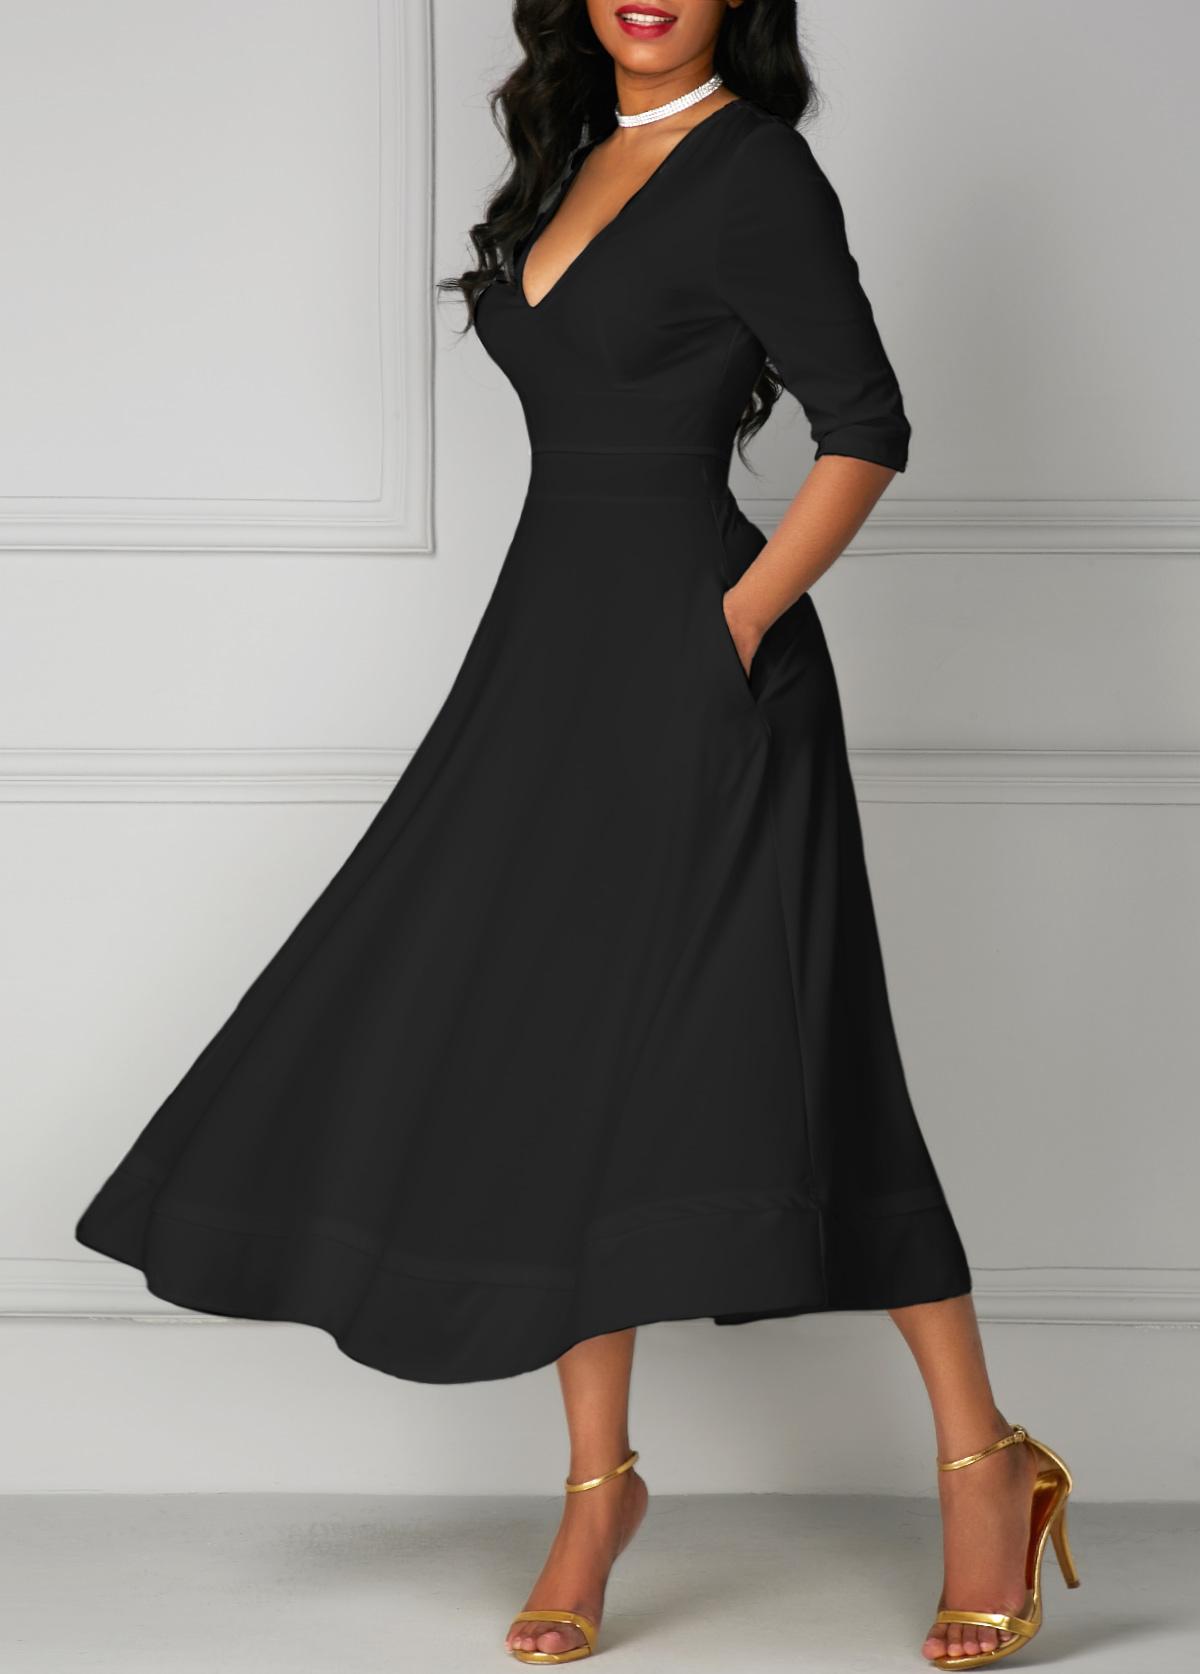 Black V Neck Pocket Design Half Sleeve Dress